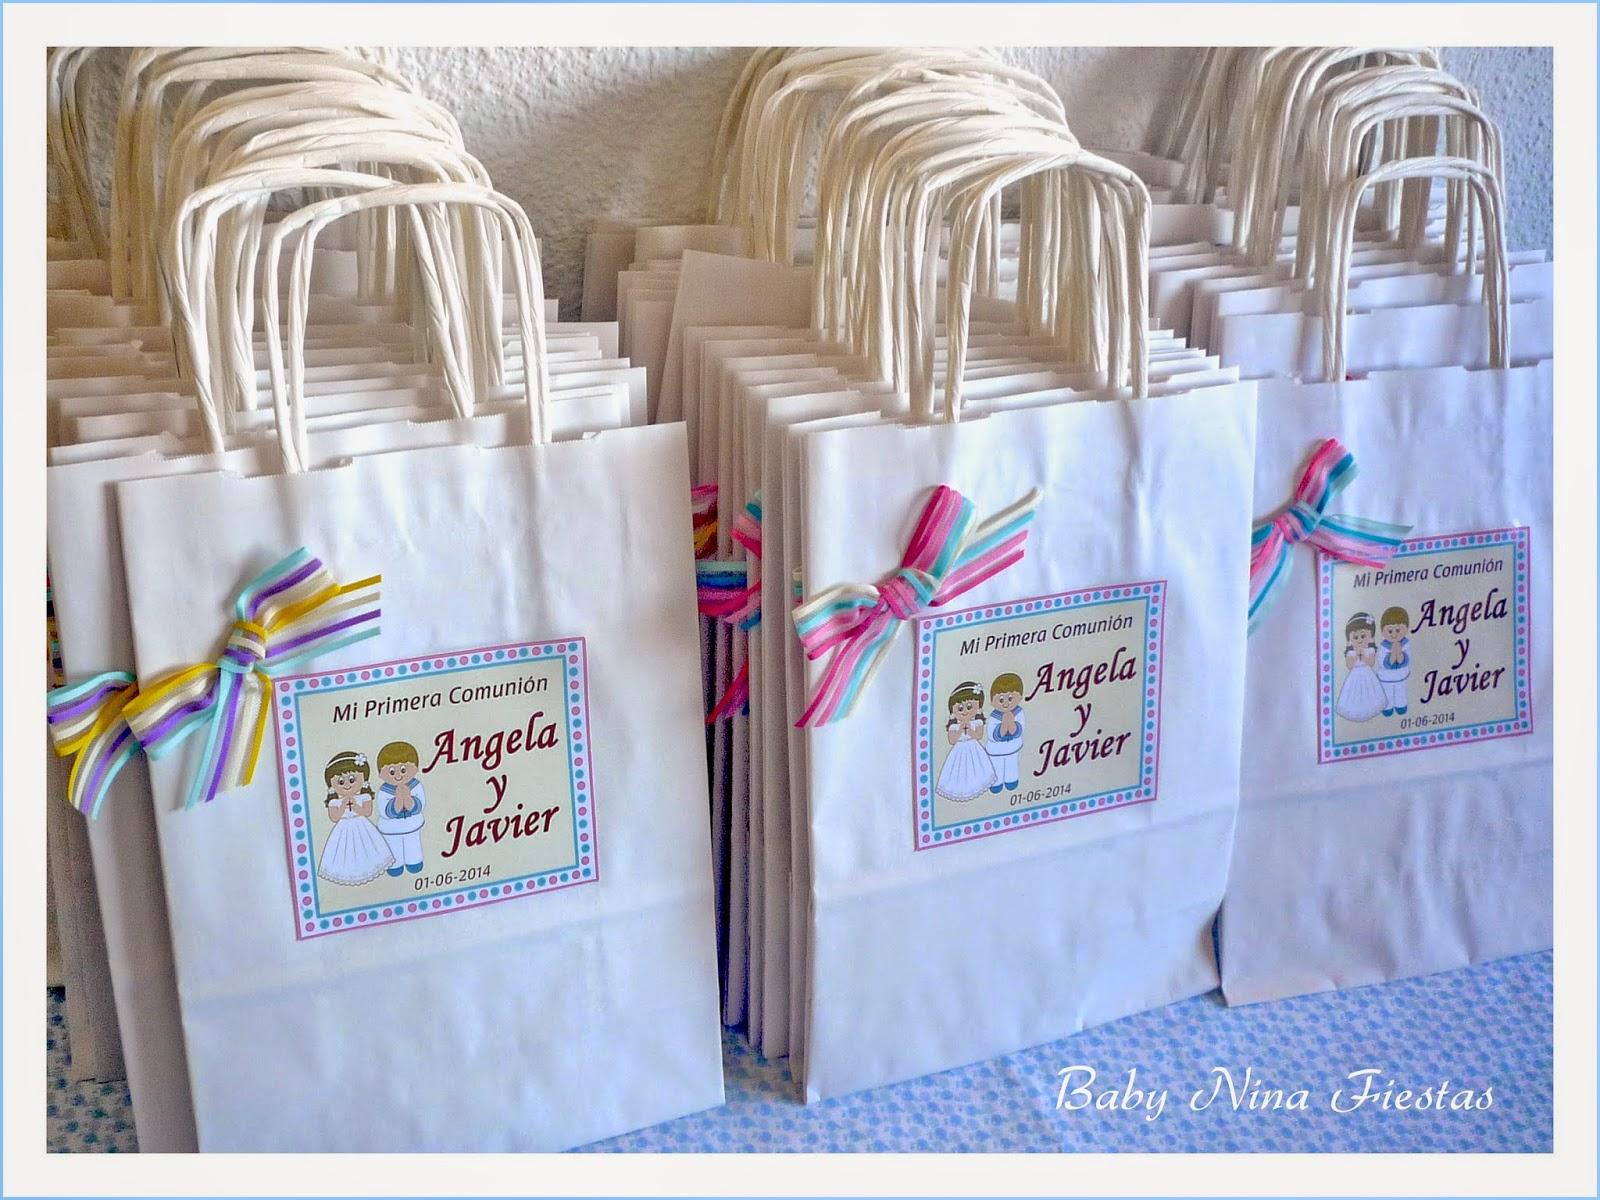 Baby nina fiestas bolsas personalizadas y recordatorios - Bolsas de regalo personalizadas ...